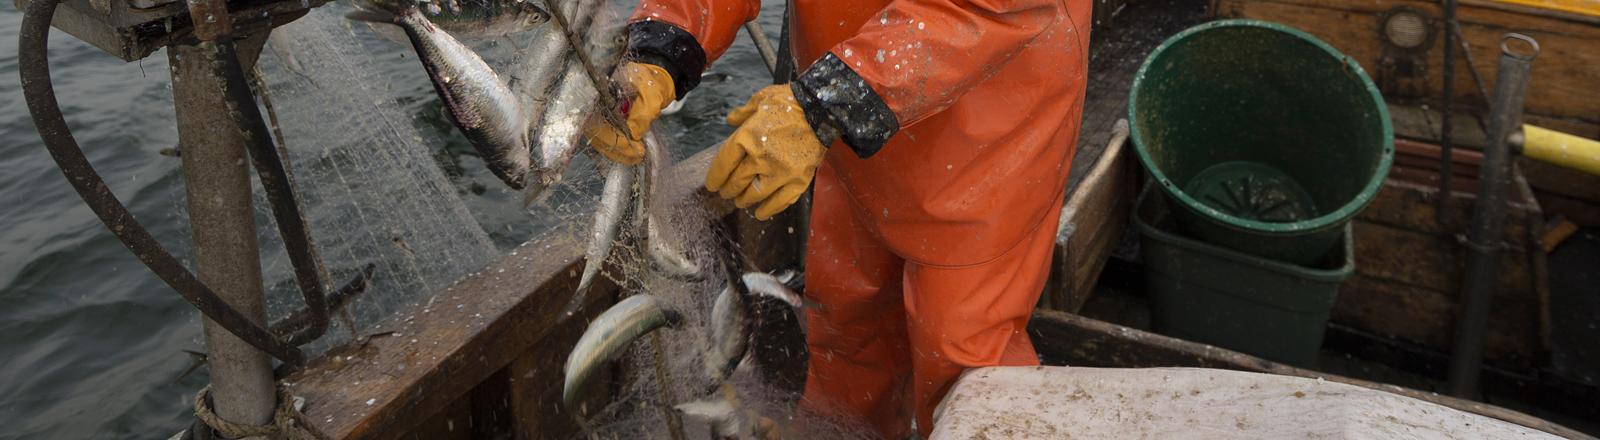 Fischfang in der Ostsee